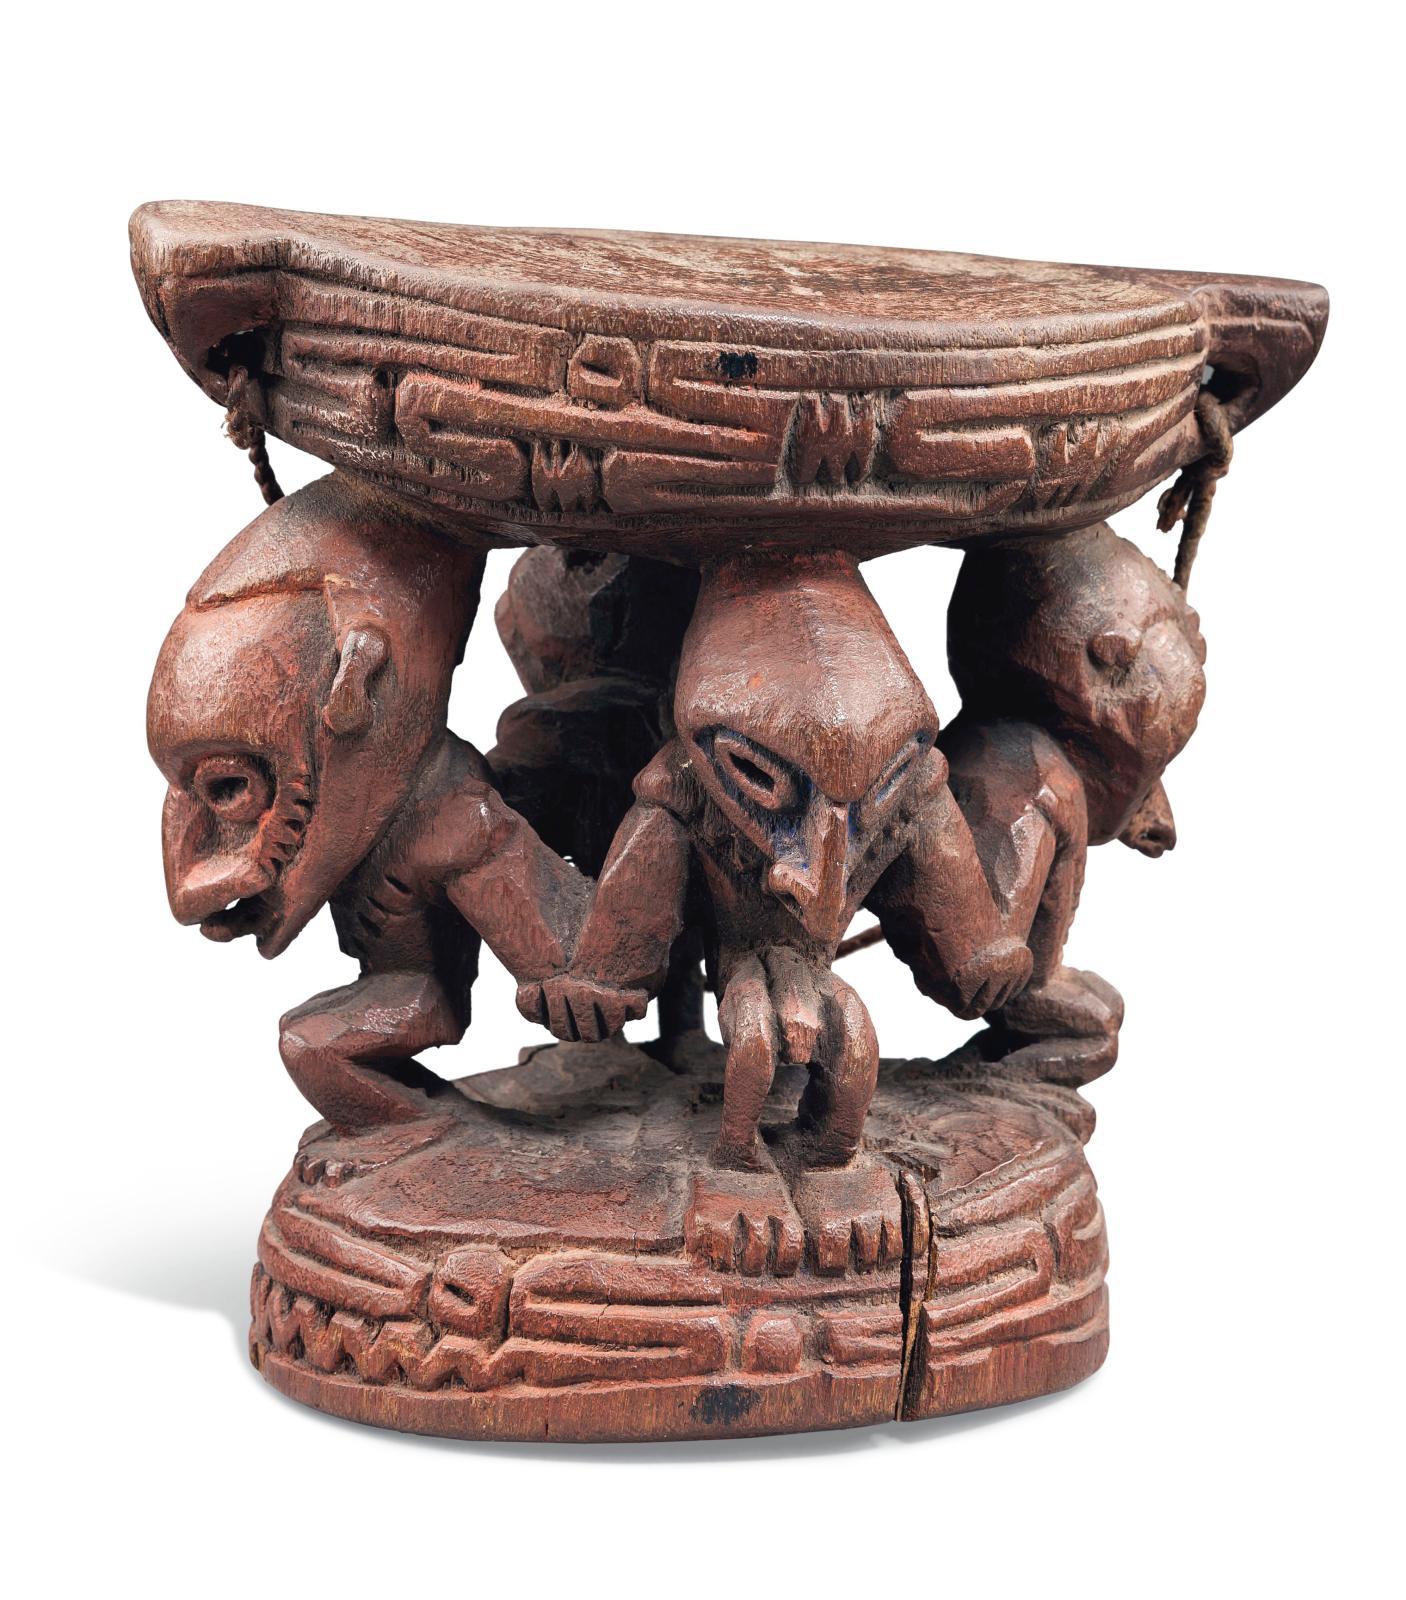 Appui-nuque sepik (Papouasie - Nouvelle-Guinée), bois à pigments ocre et bleu, attache en fibres, h.28,5cm. Estimation: 30000/50000€